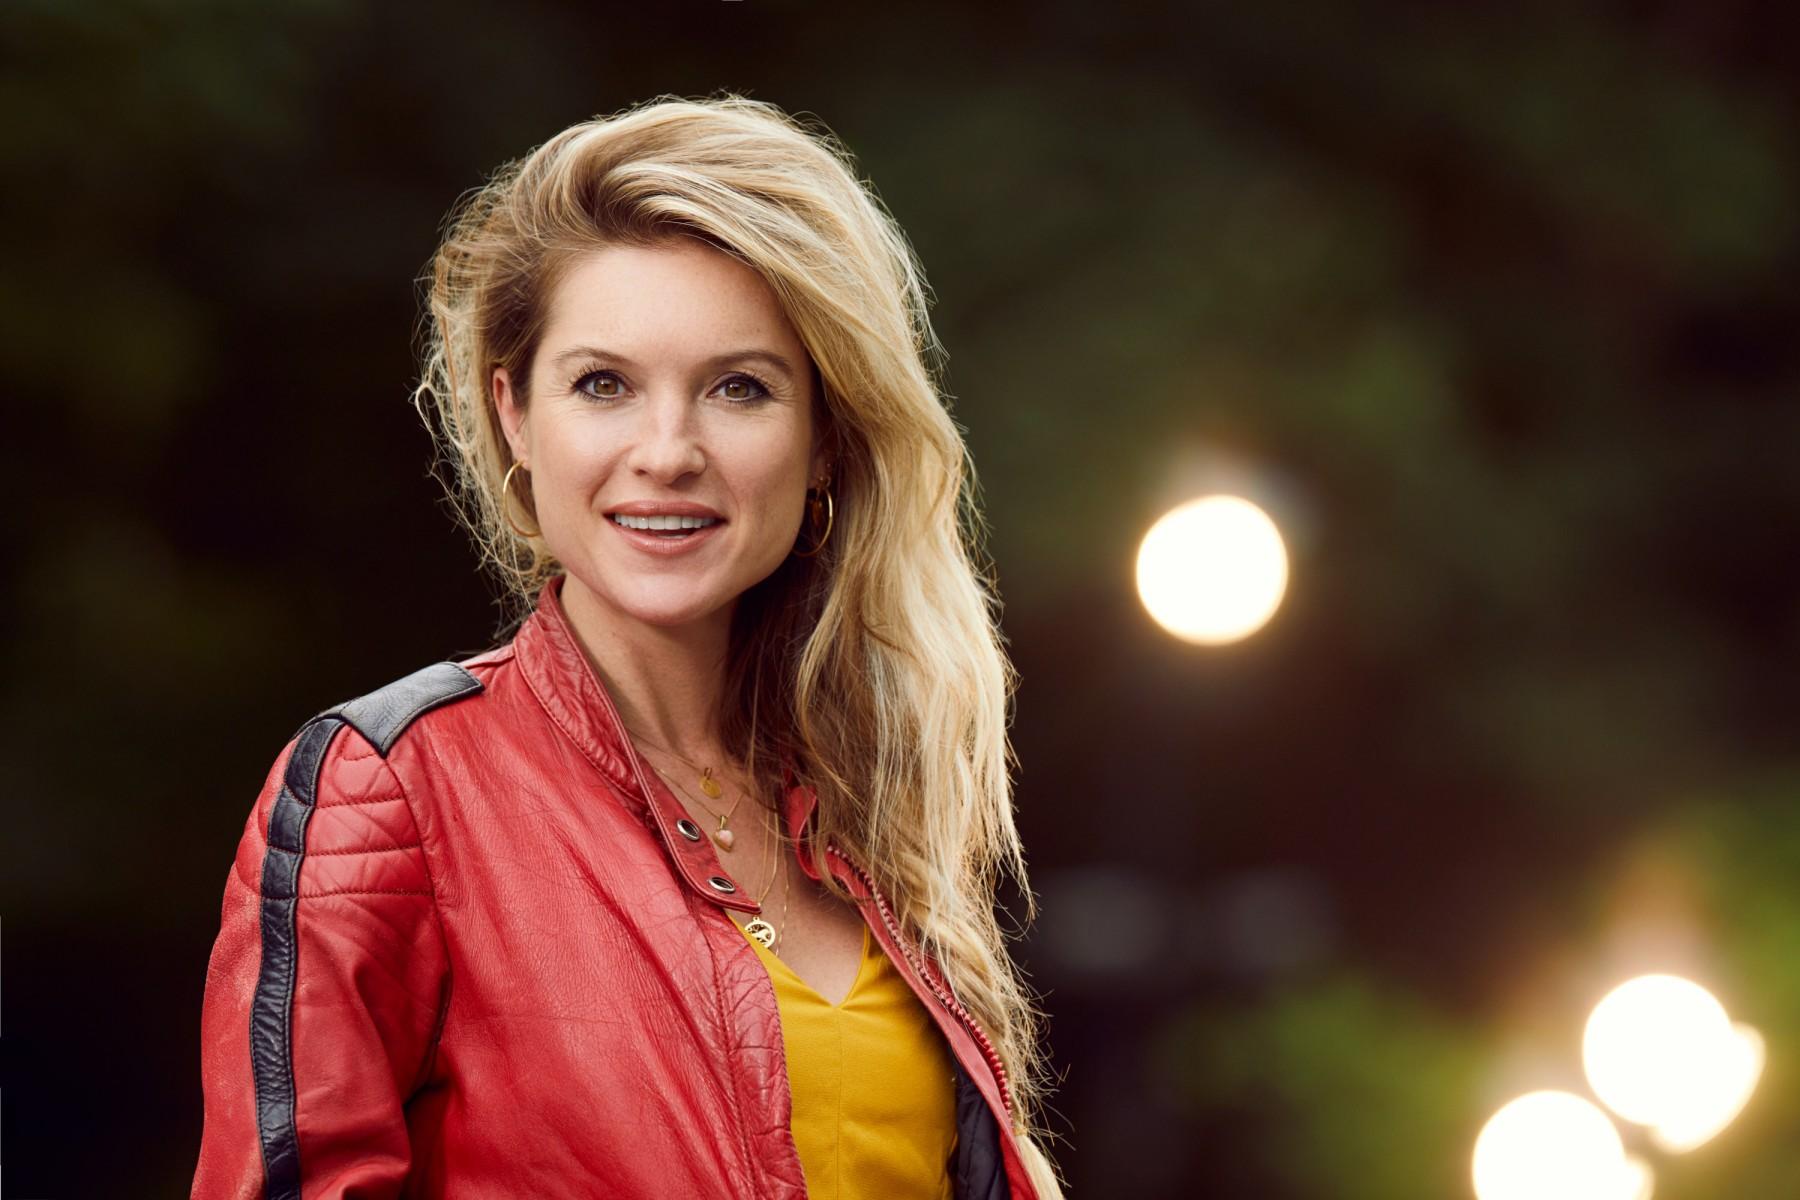 Lauren Verster Volgt Twee Jaar Lang Stellen En Singles